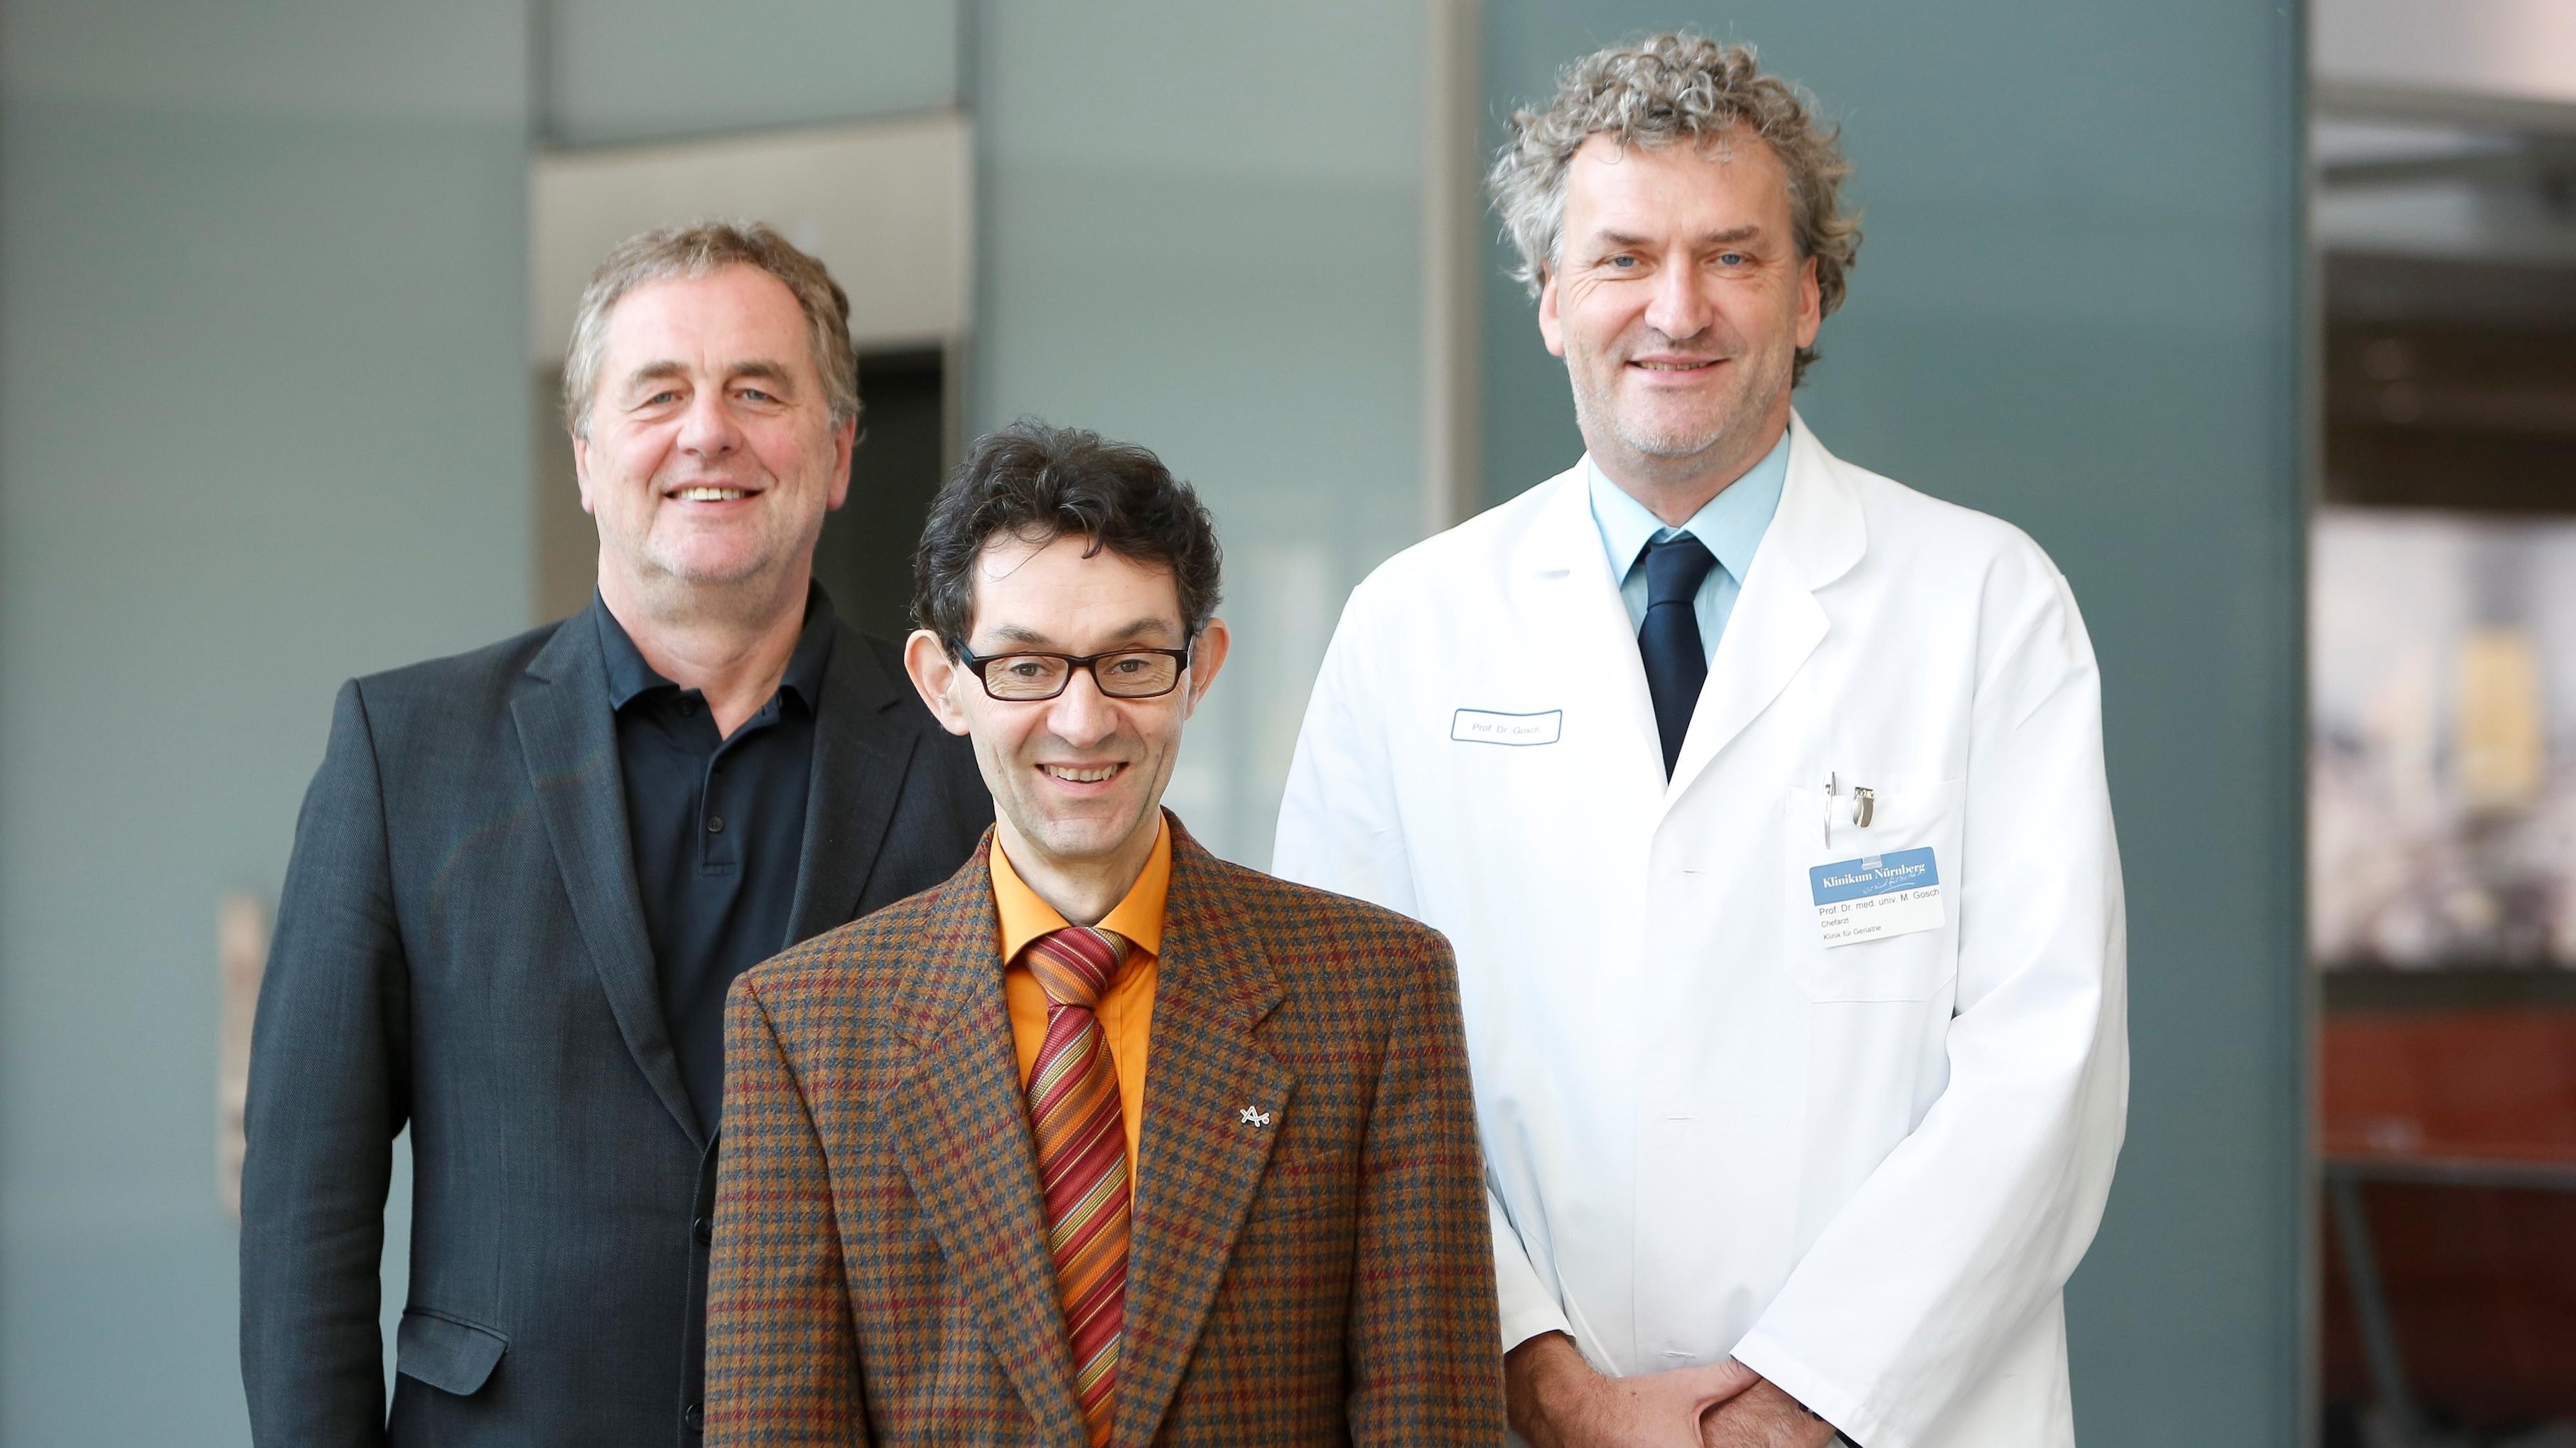 Ausgezeichnetes Forscherteam: Prof. Dr. Frank Erbguth, Prof. Dr. Elmar Gräßel und Prof. Dr. Markus Gosch (v.l.n.r.)